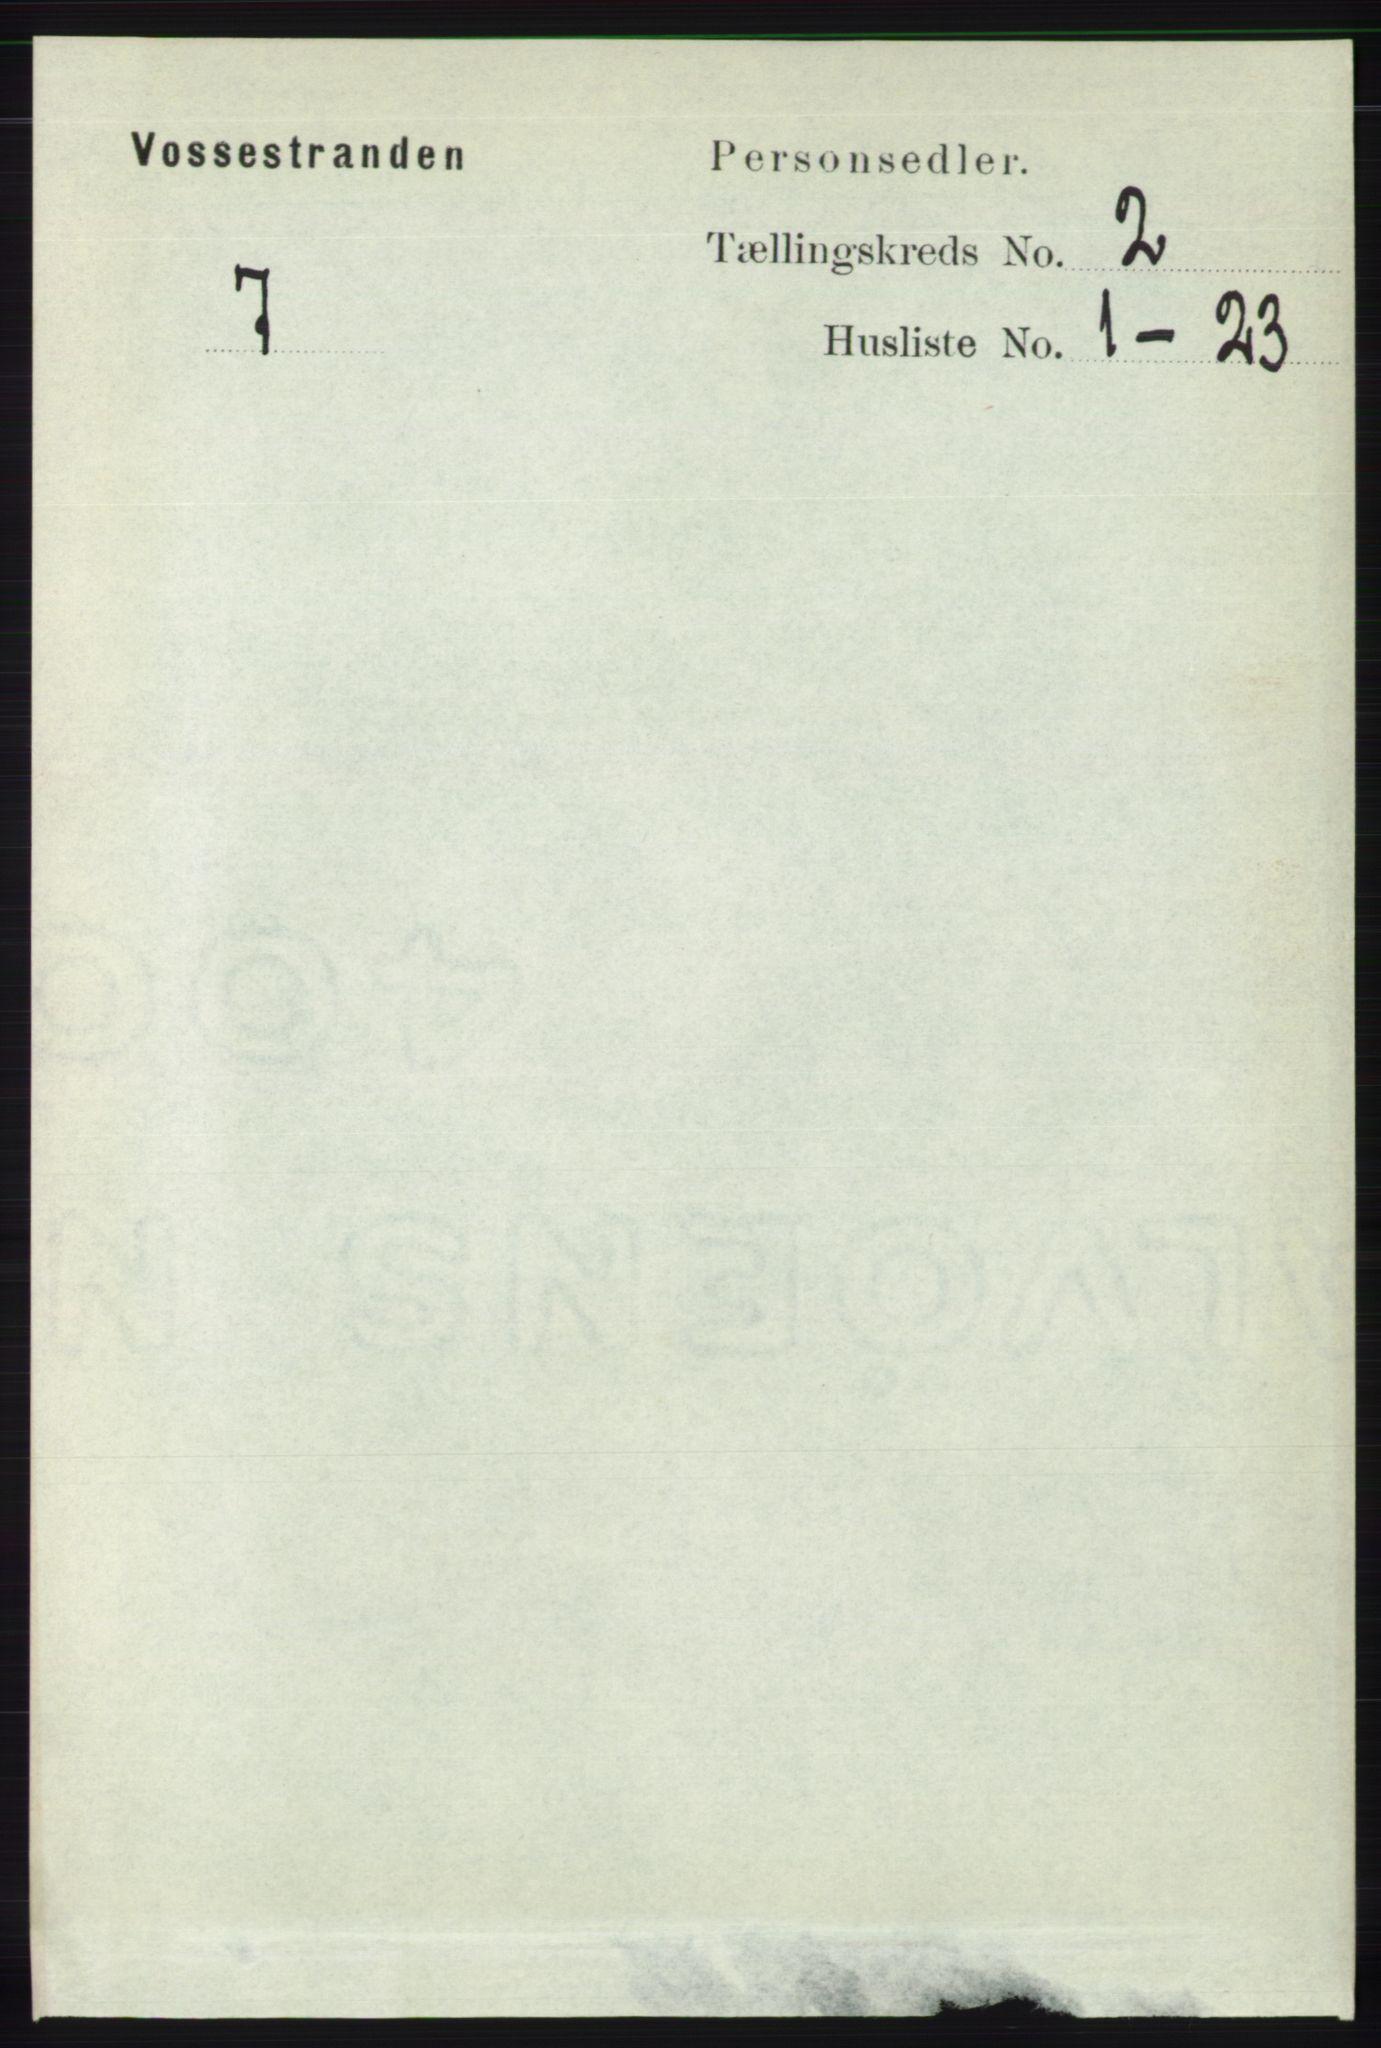 RA, Folketelling 1891 for 1236 Vossestrand herred, 1891, s. 718